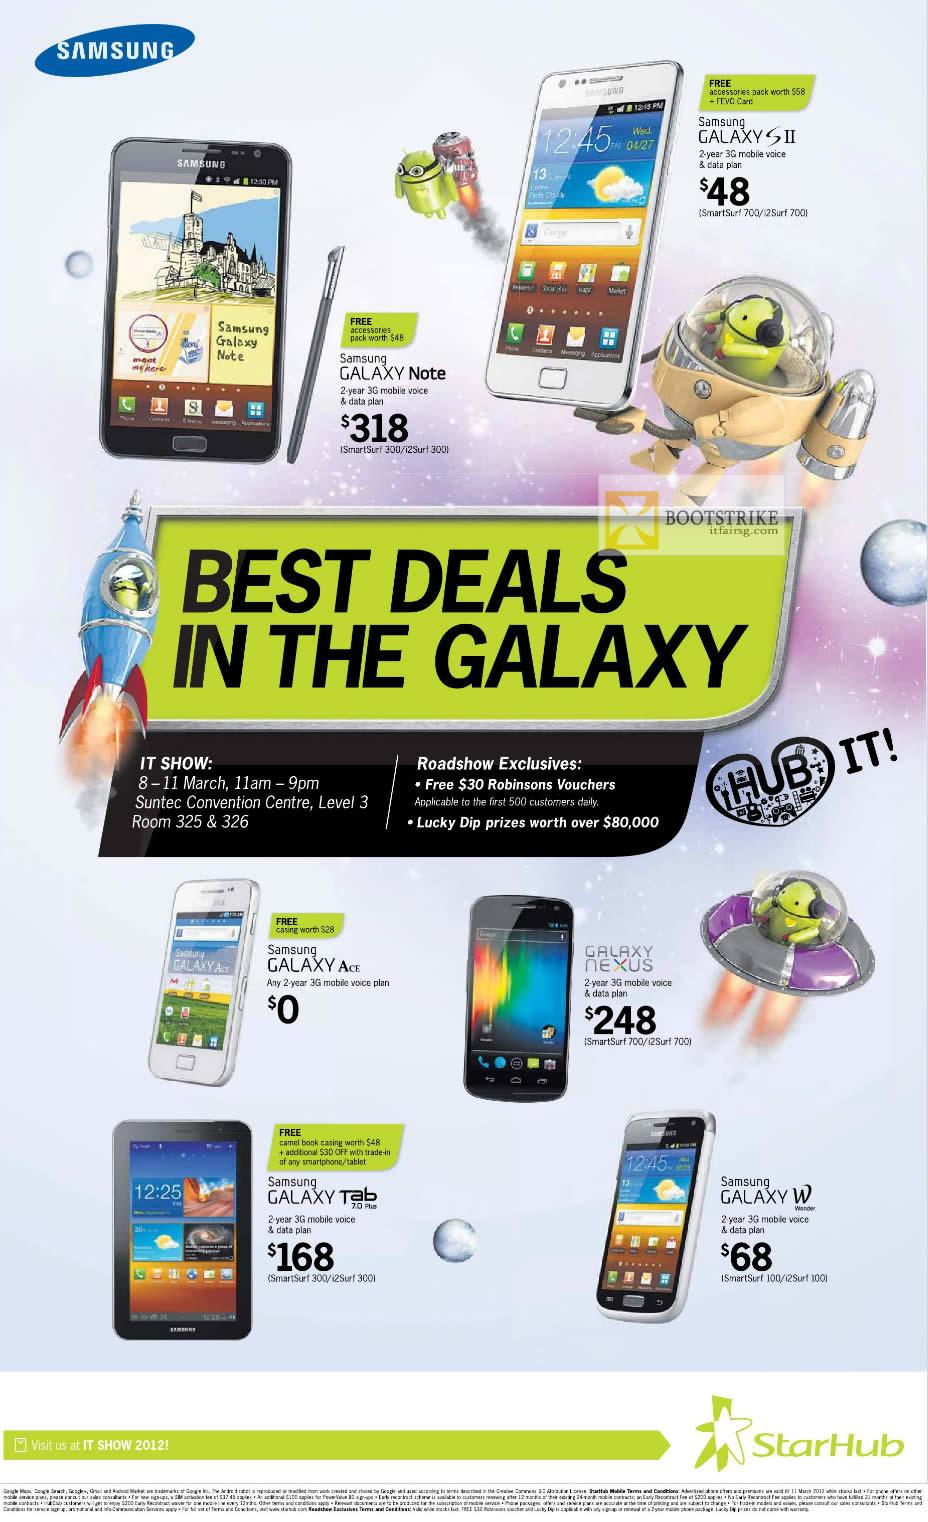 Starhub Samsung Galaxy Note, Galaxy S II, Galaxy Ace, Galaxy Nexus, Galaxy Tab 7.0 Plus, Galaxy W